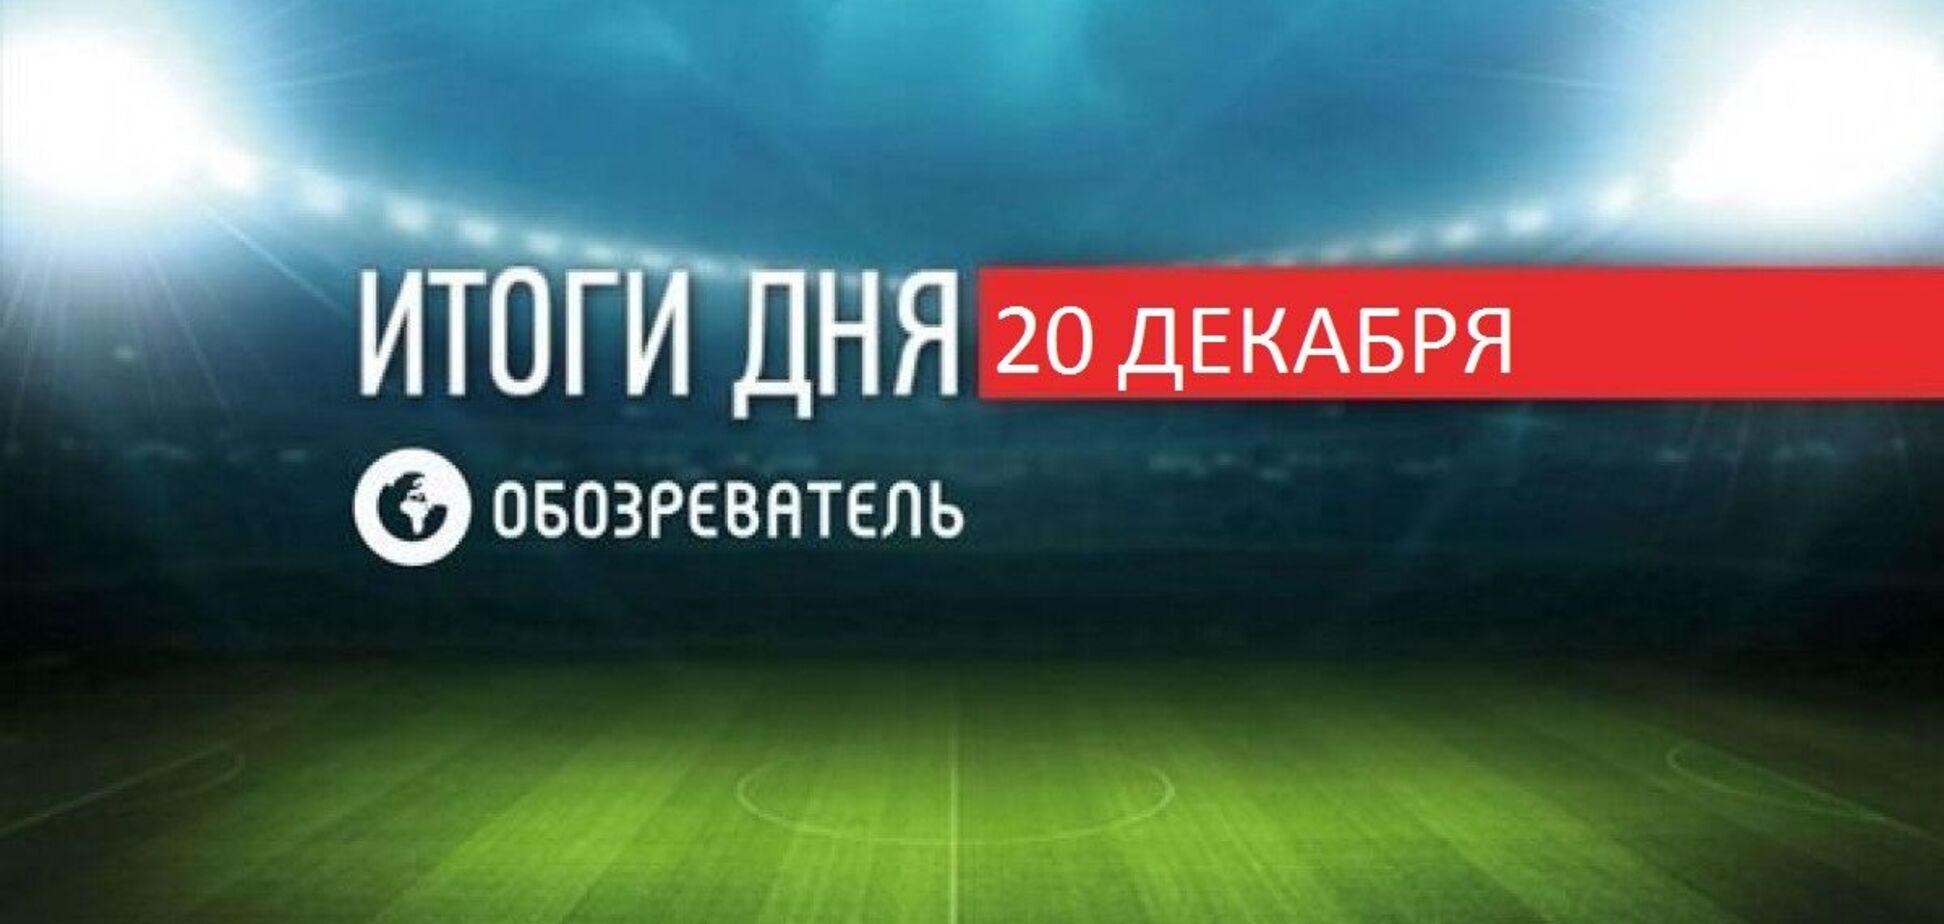 Шевченко показав фото сімейного відпочинку: спортивні підсумки 20 грудня